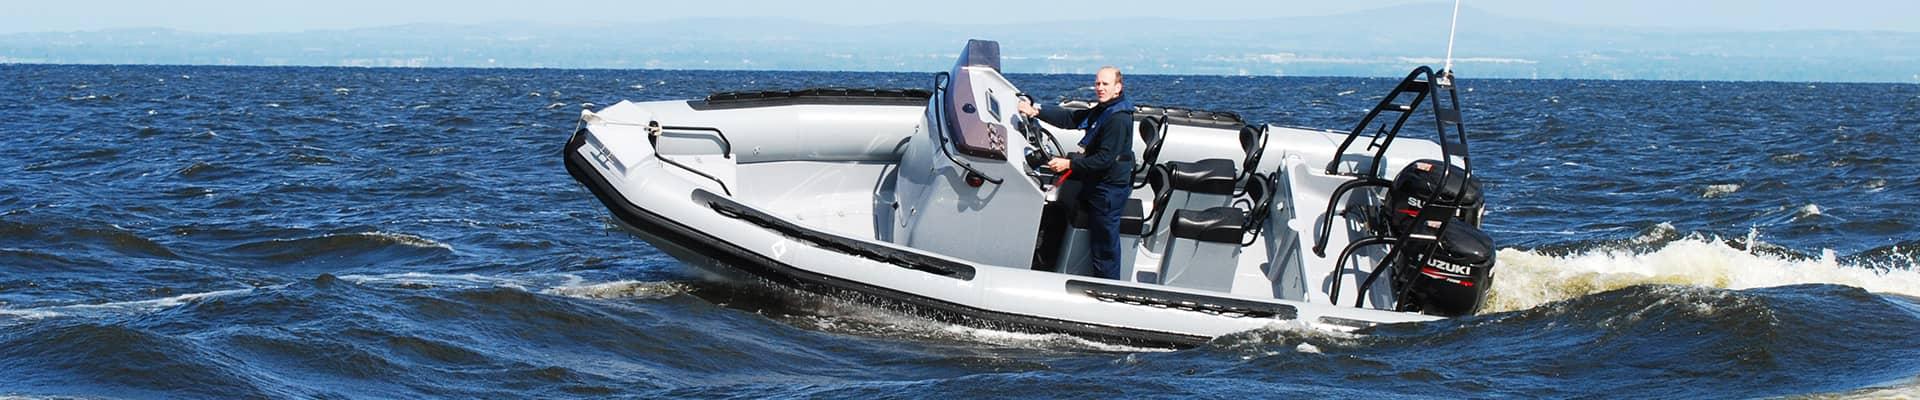 rib-boat-navy-fiberglass-rib-boat